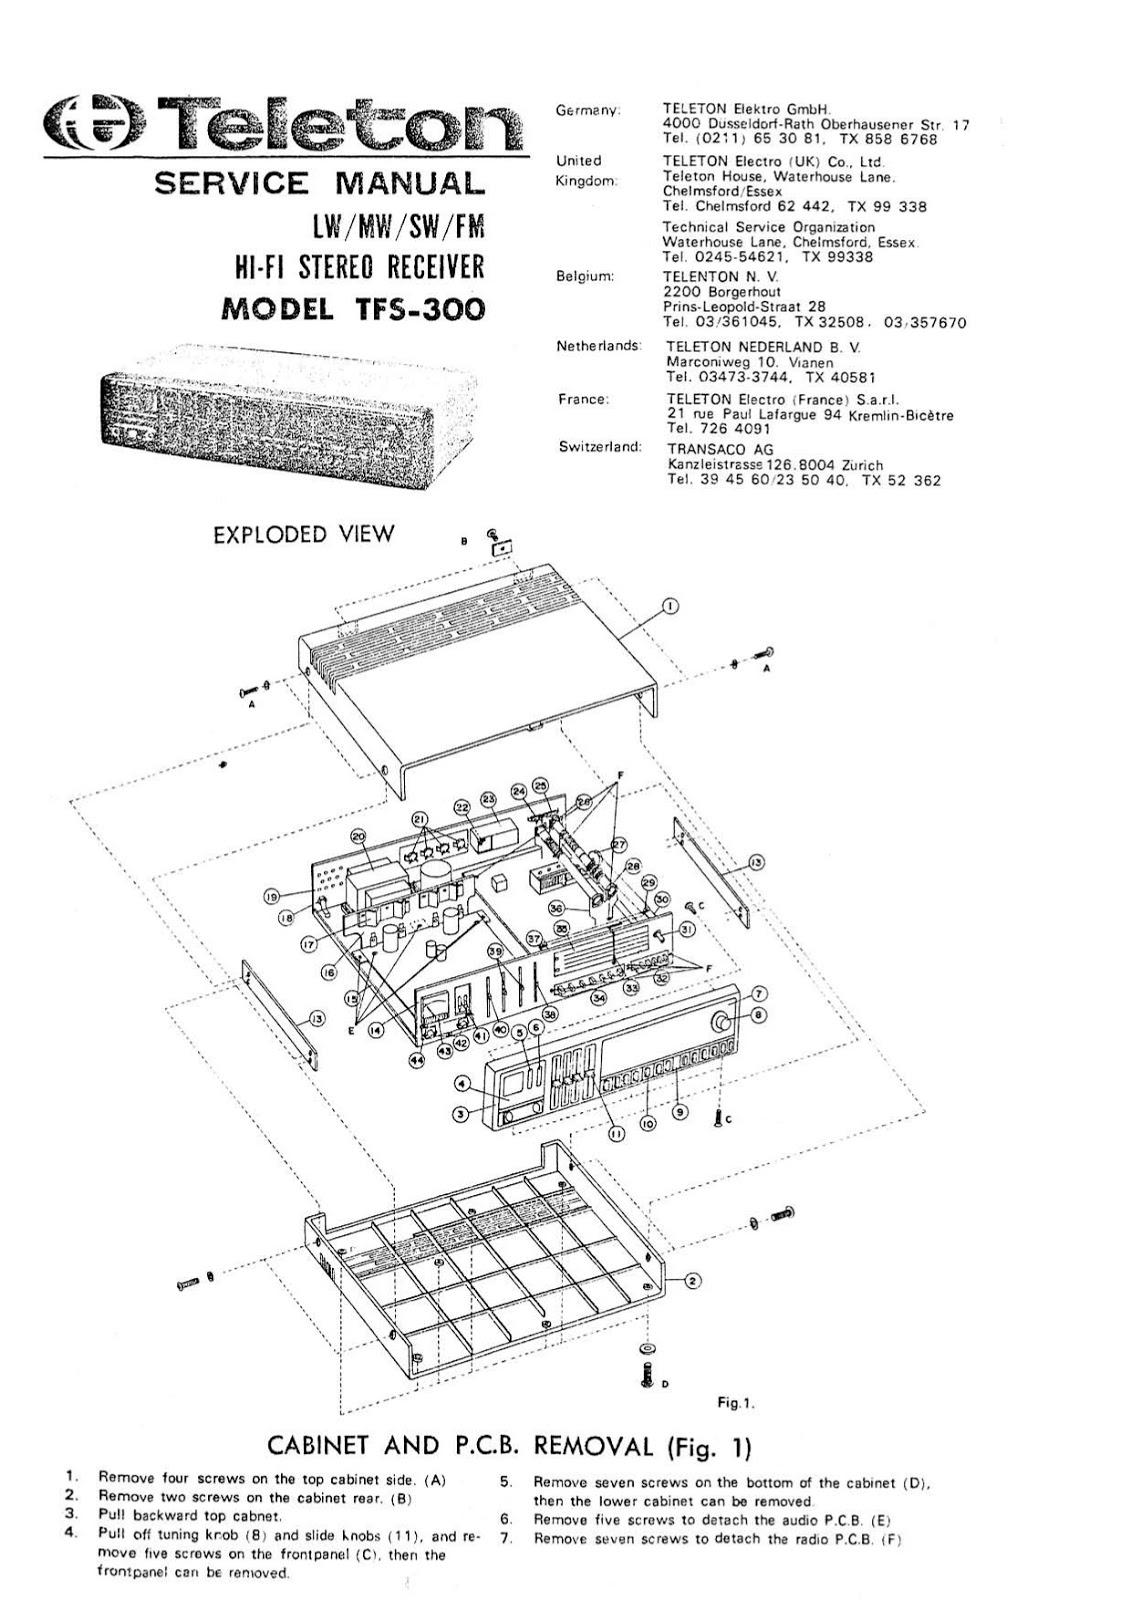 Infrequent Sound [sex.tex] technology: Teleton TFS 300